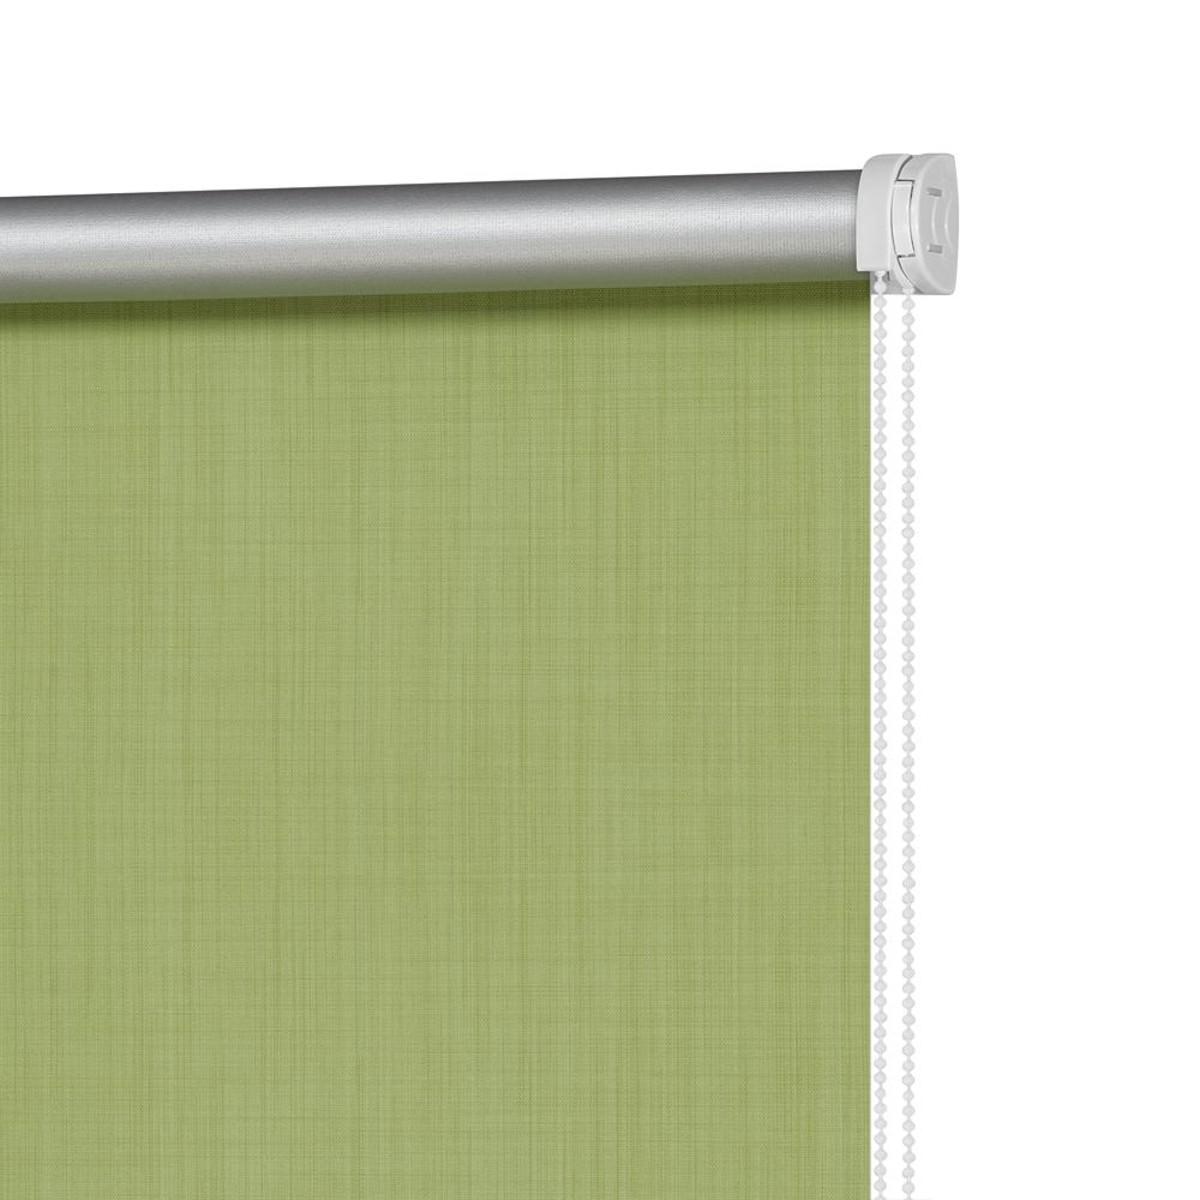 Рулонная Ора Decofest Блэкаут Селия 160Х175 Цвет Зеленый